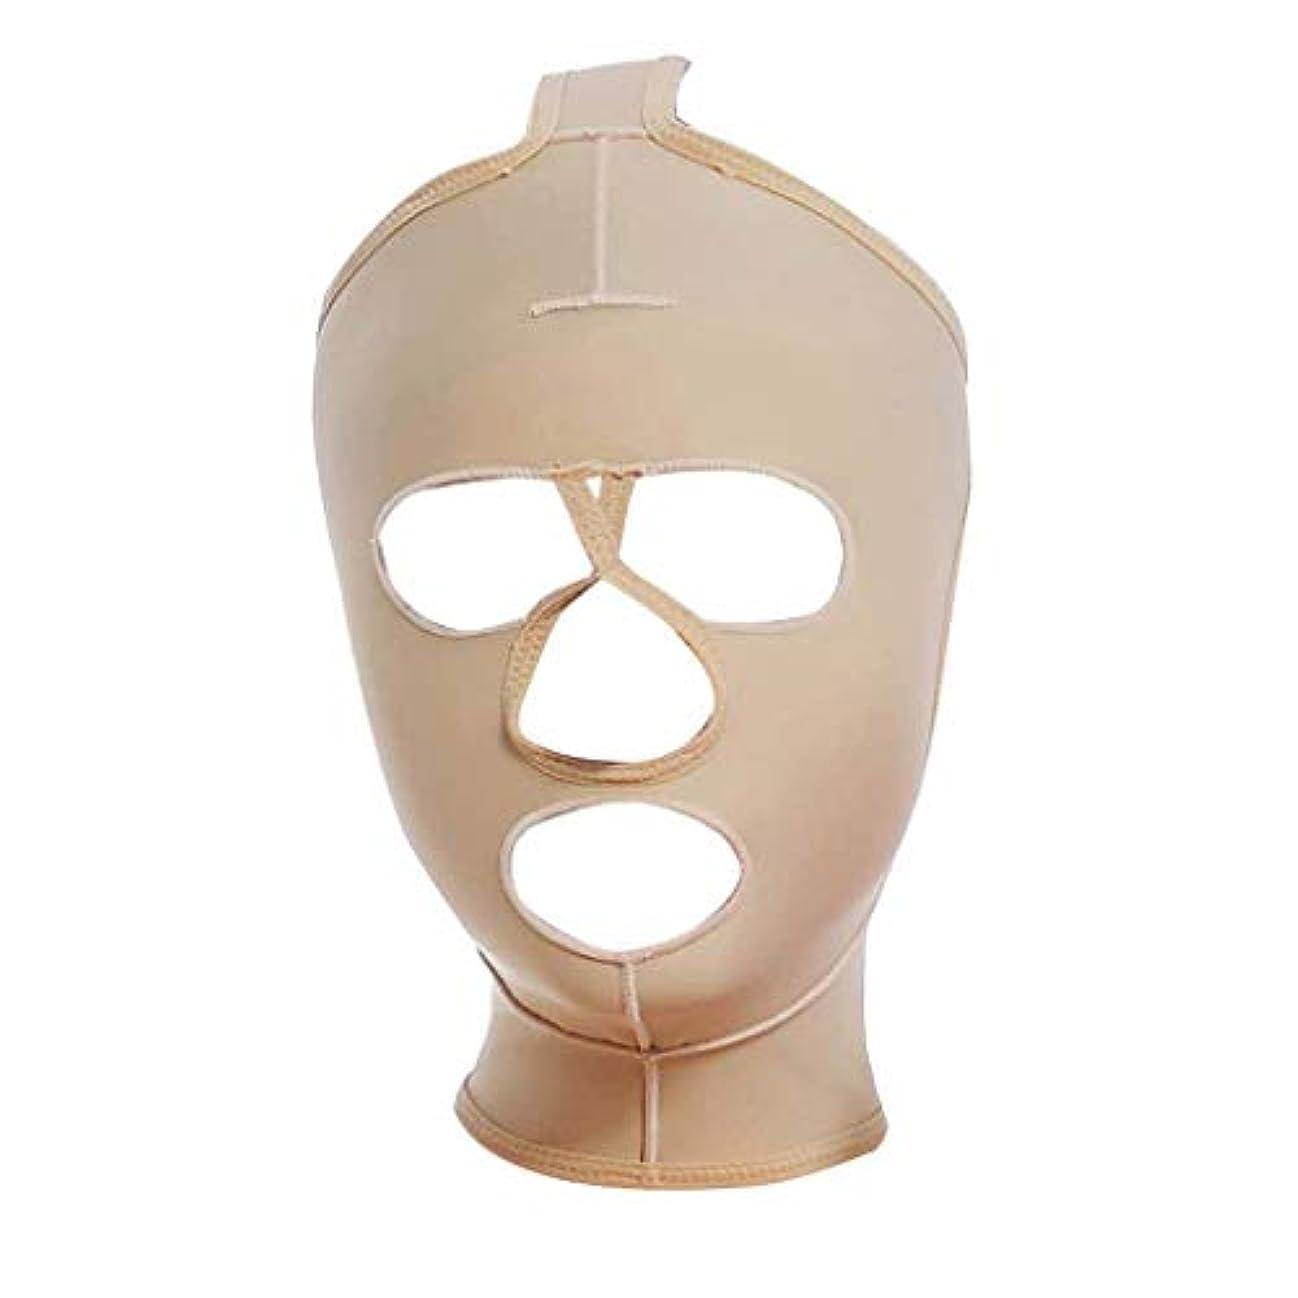 創始者兄弟愛学校の先生フェイスアンドネックリフト、減量フェイスマスク脂肪吸引術脂肪吸引術シェーピングマスクフードフェイスリフティングアーティファクトVフェイスビームフェイス弾性スリーブ(サイズ:S)